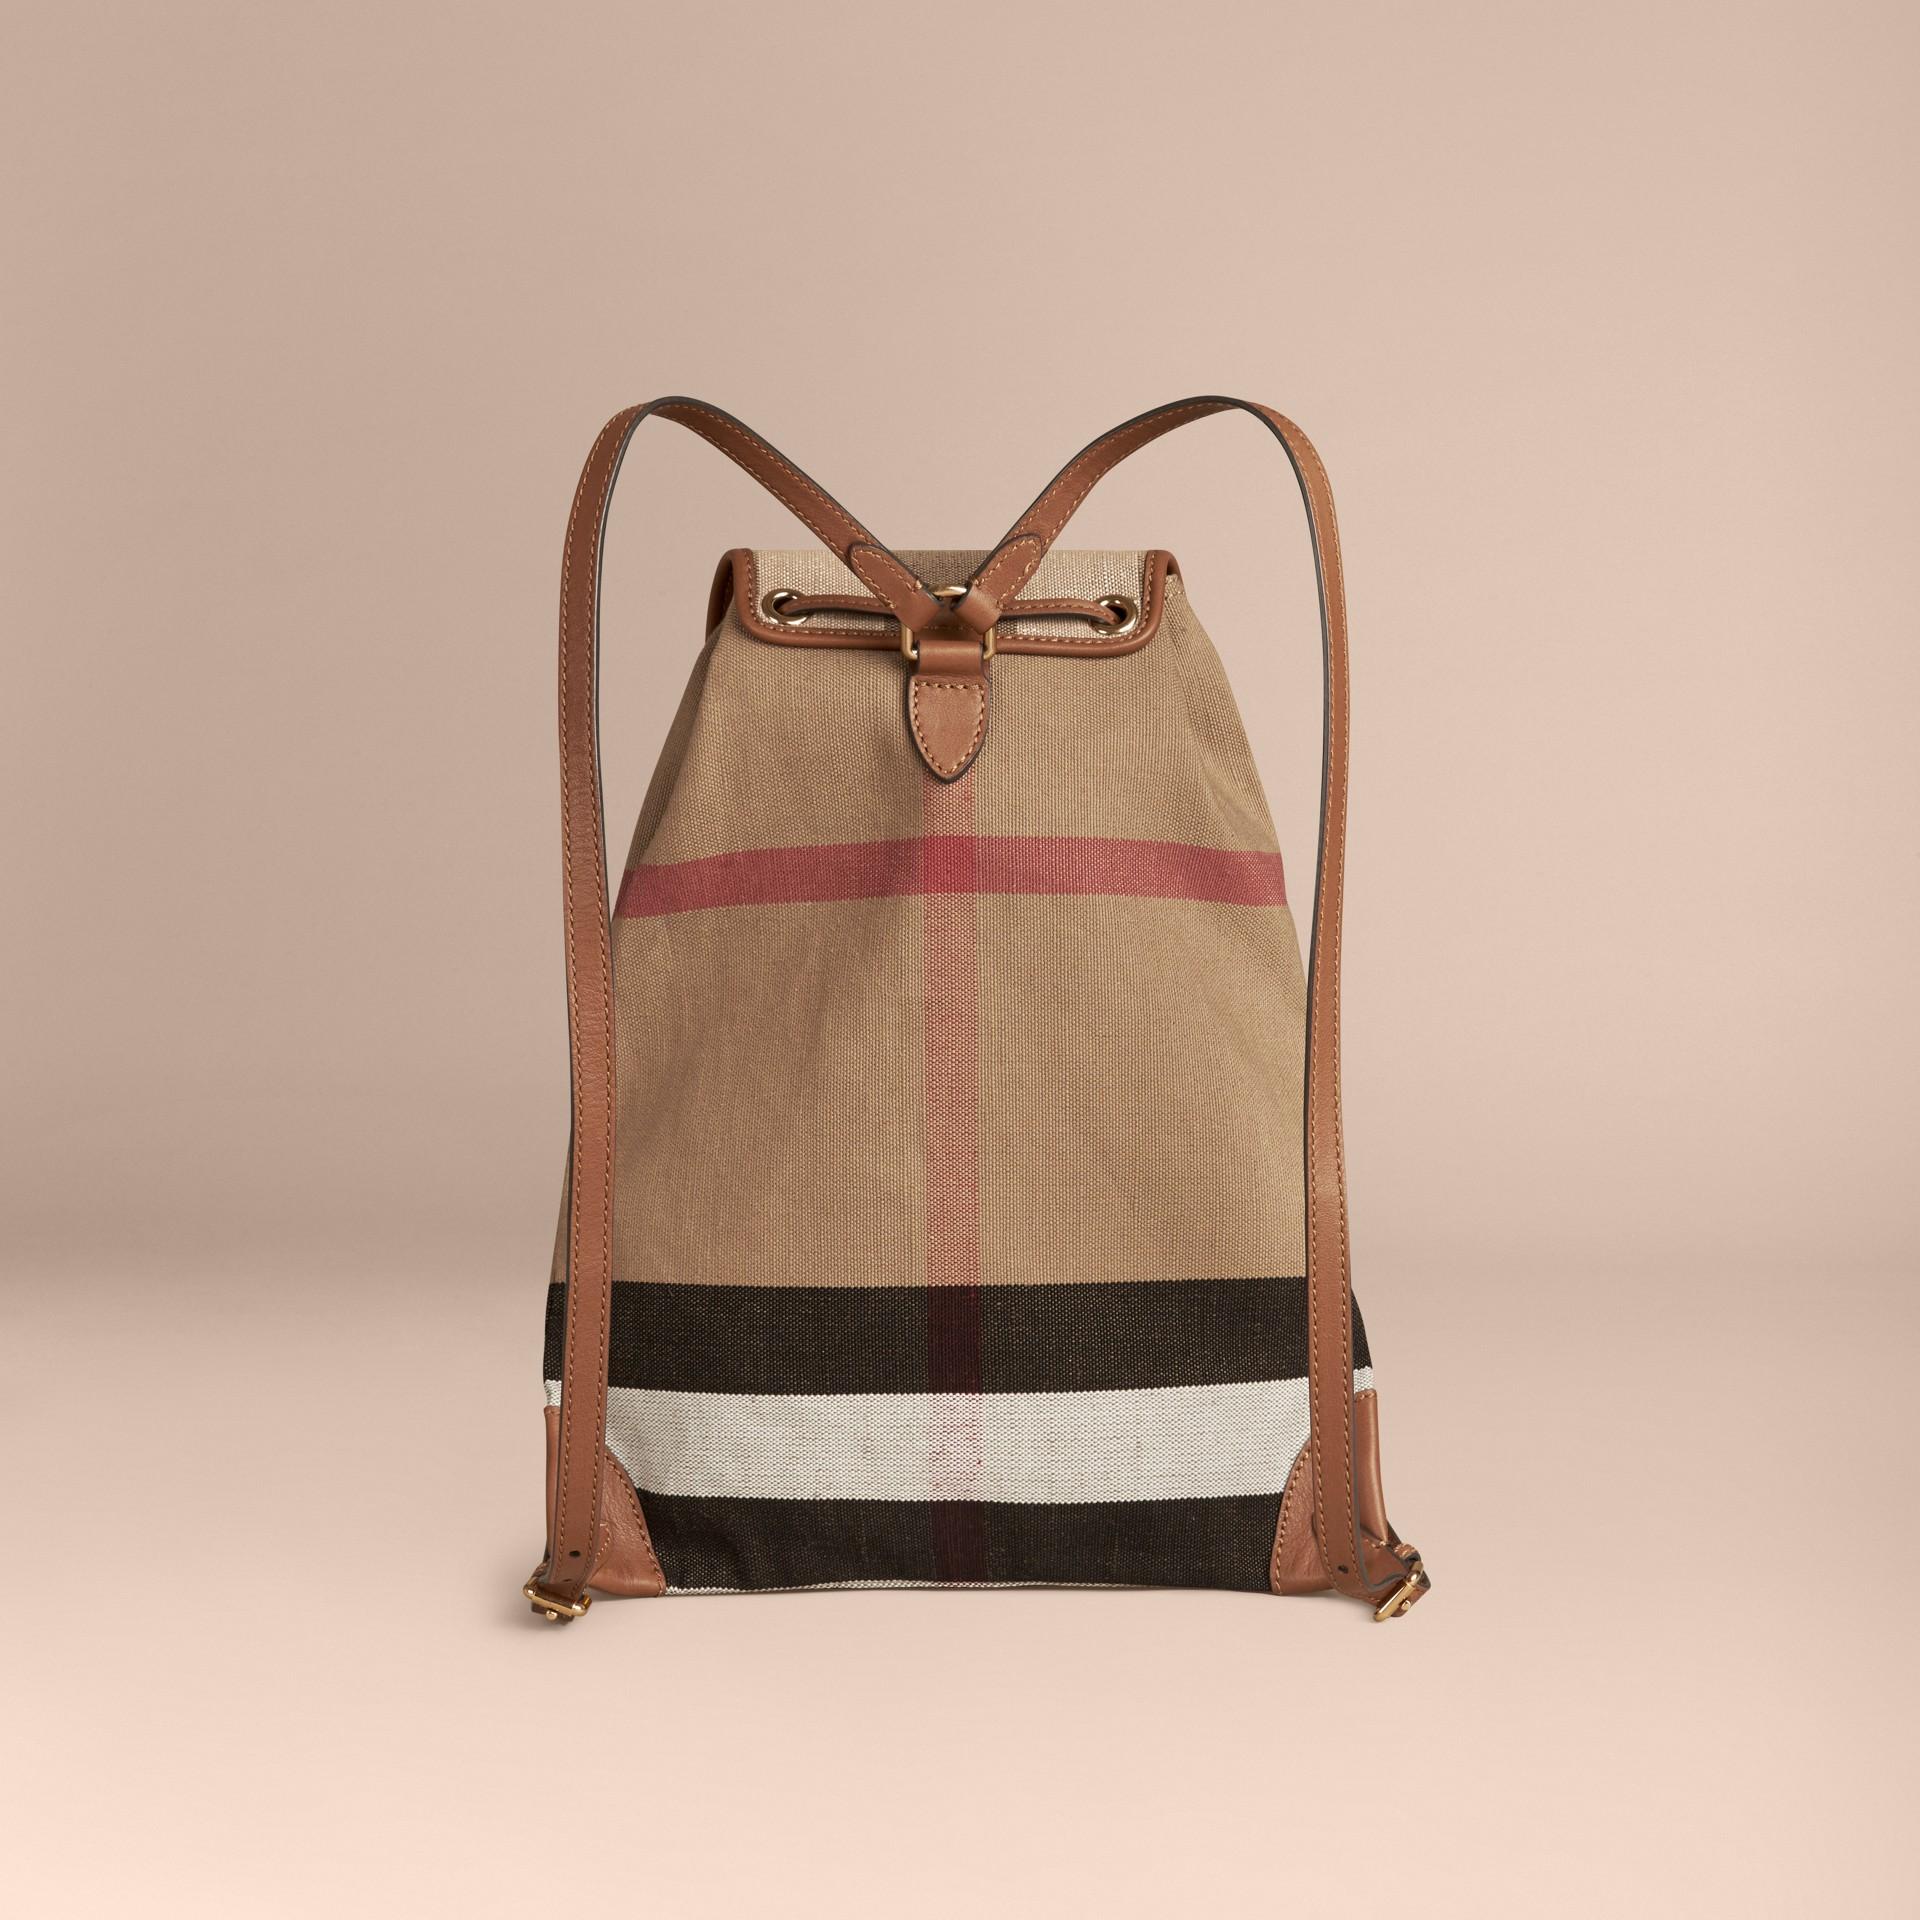 Рыжевато-коричневый Рюкзак в клетку Canvas Check Рыжевато-коричневый - изображение 2